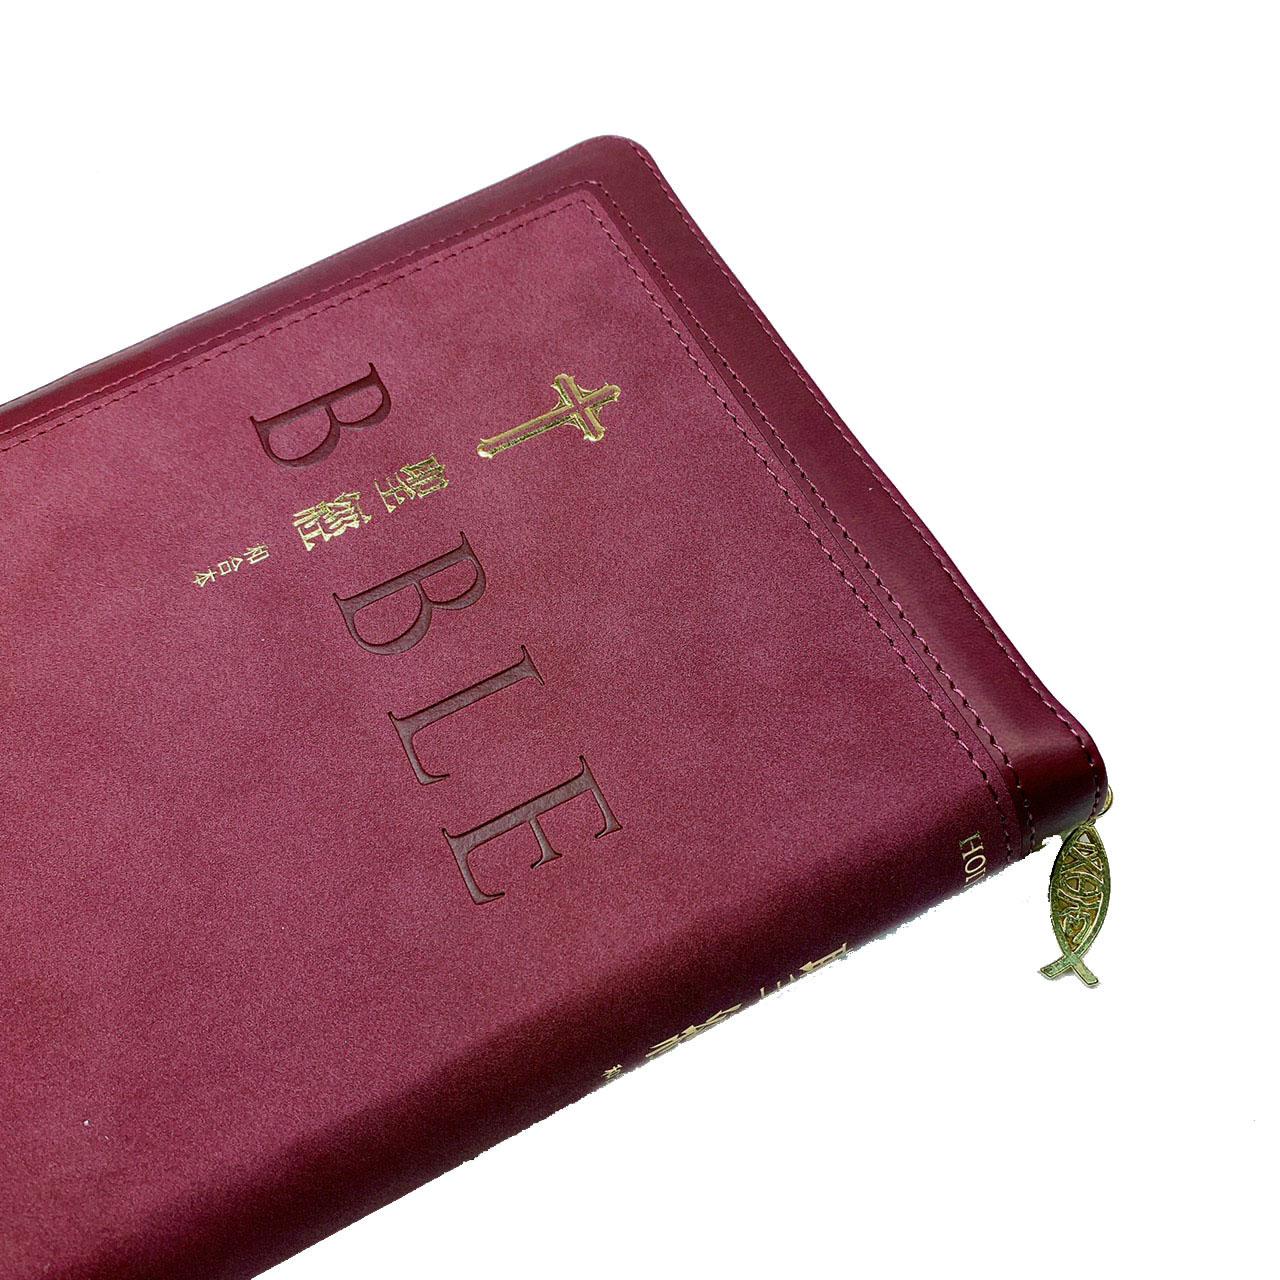 皮面拉鏈索引(紅/金)-7系列聖經和合本